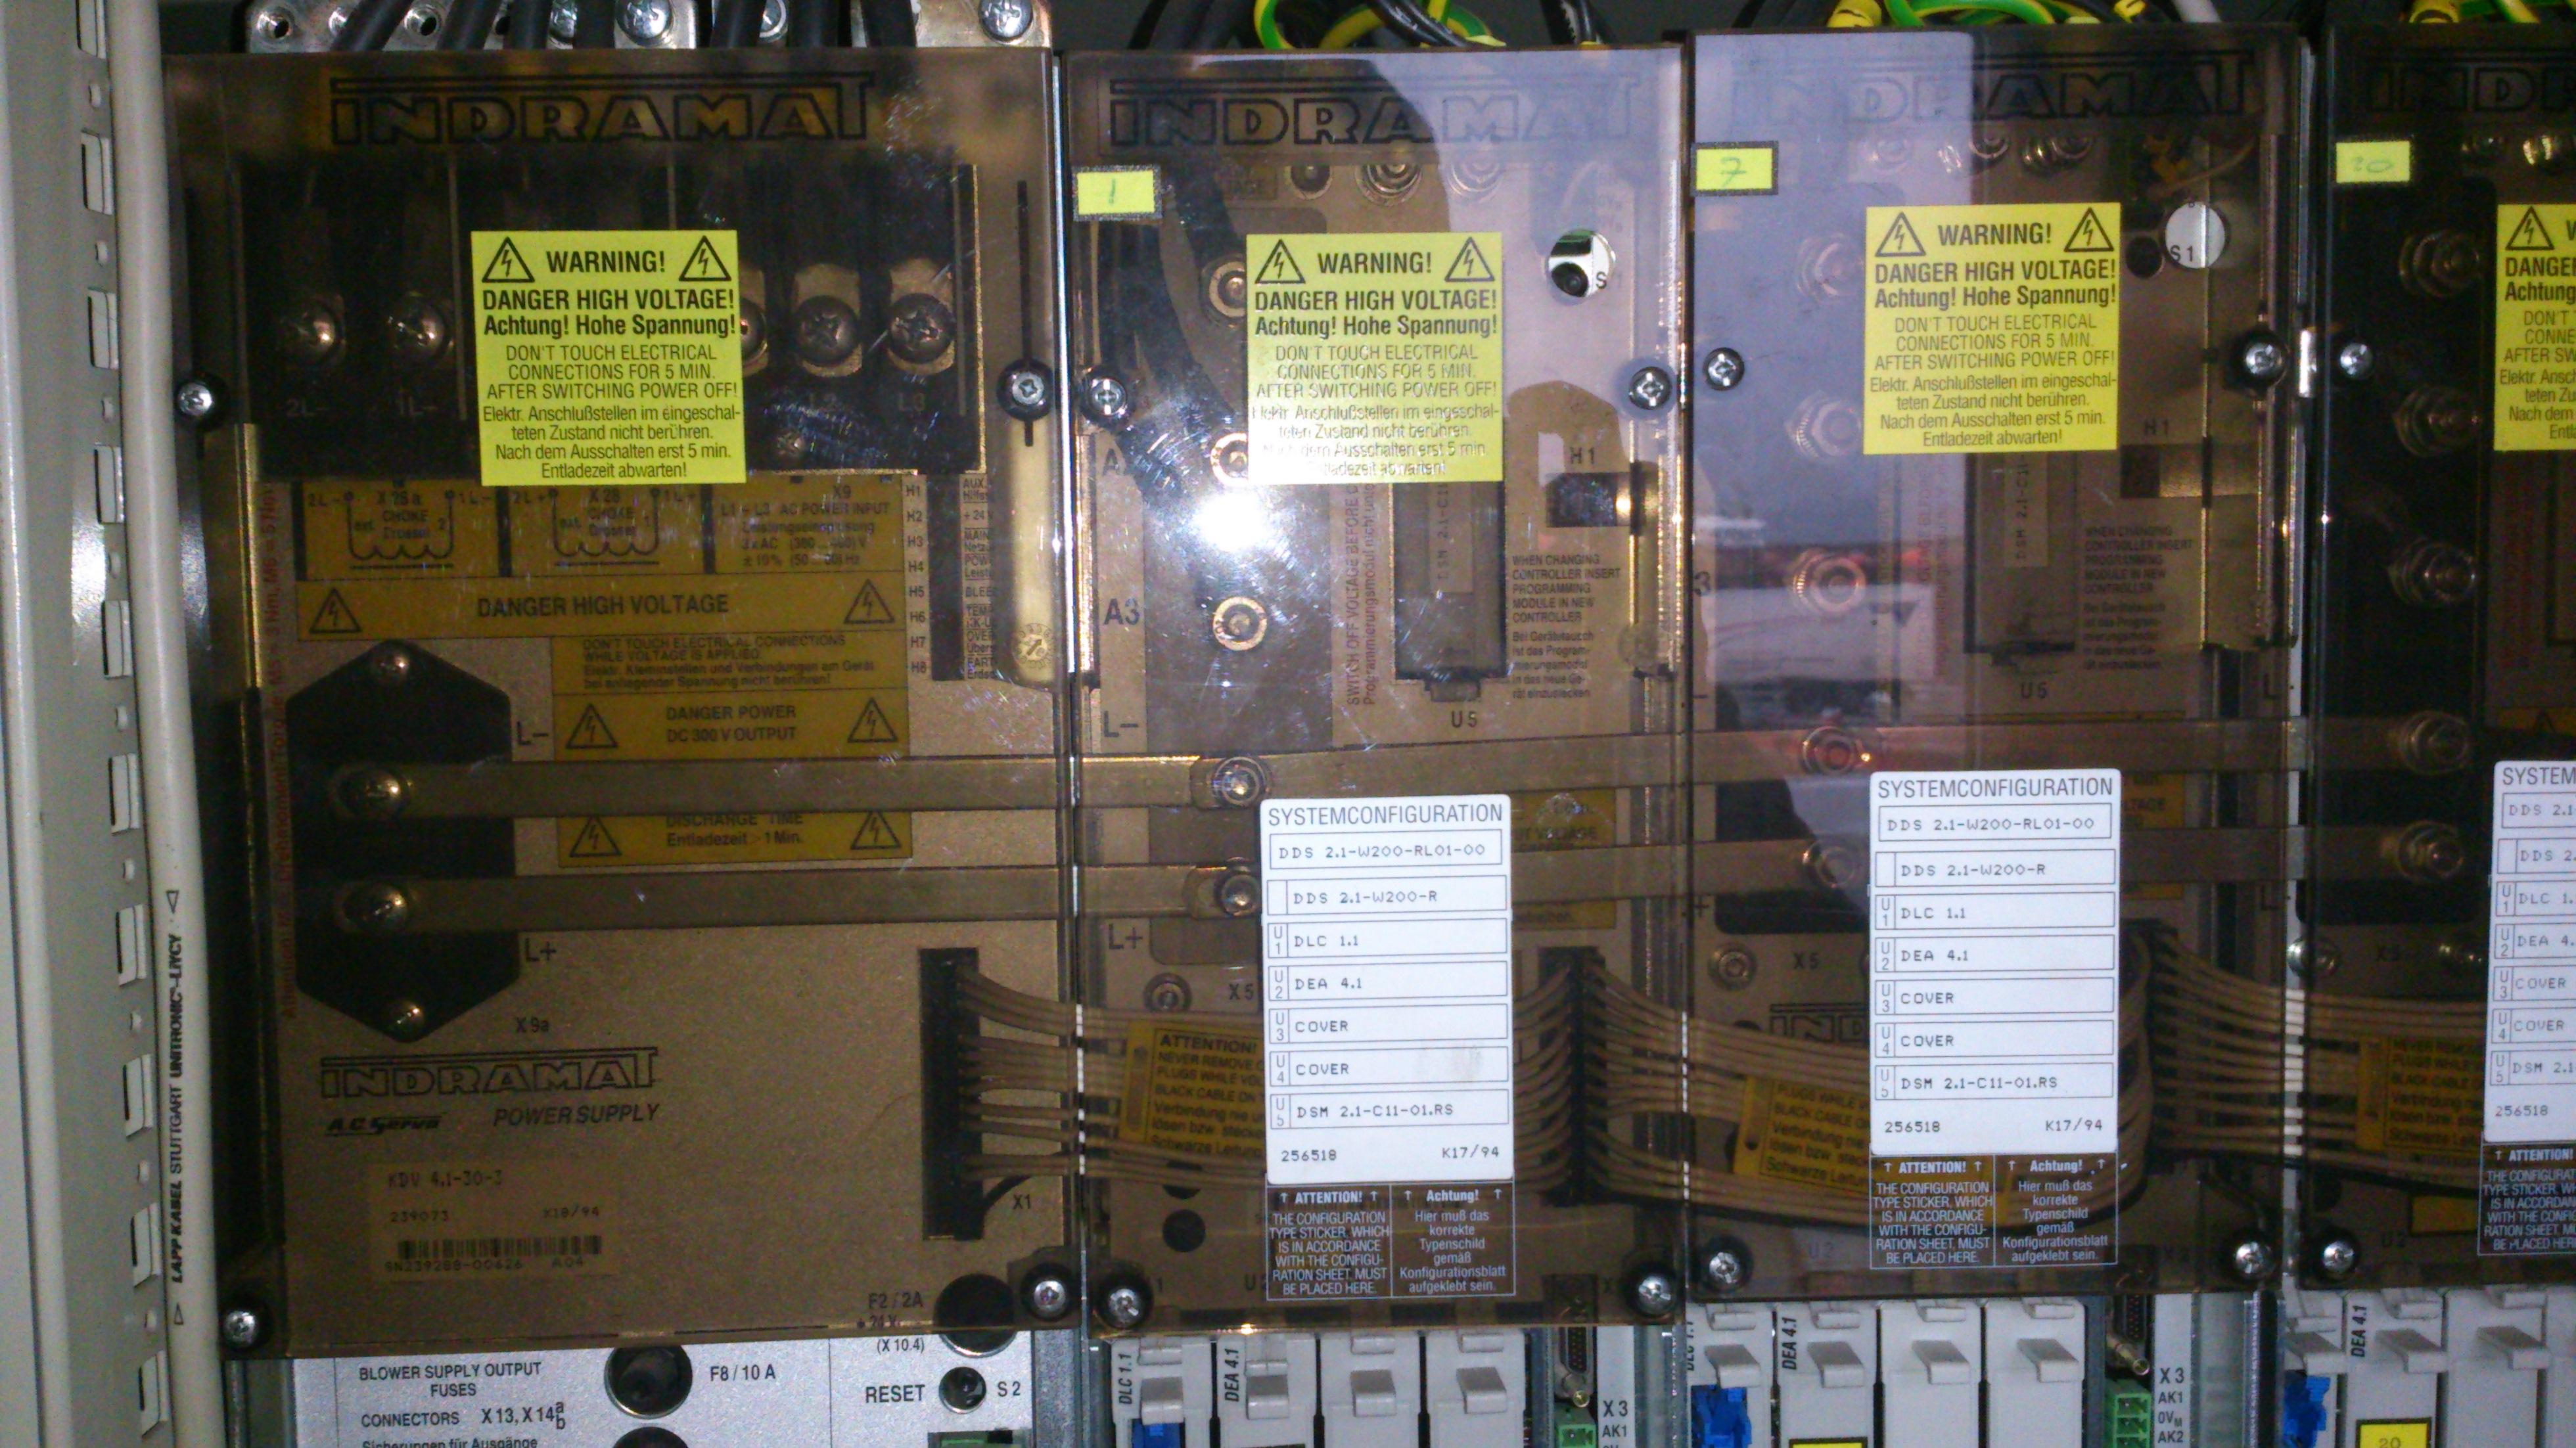 DDS 2.1-W200-RL01-00 - DDS 2.1-W200-RL01-00 wymiana sterownika serwa , na co ?